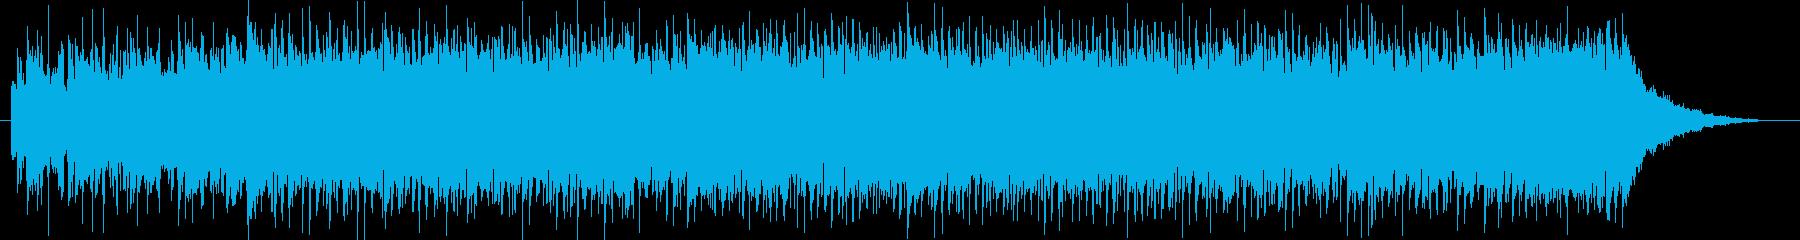 エルガー威風堂々のバンドアレンジの再生済みの波形